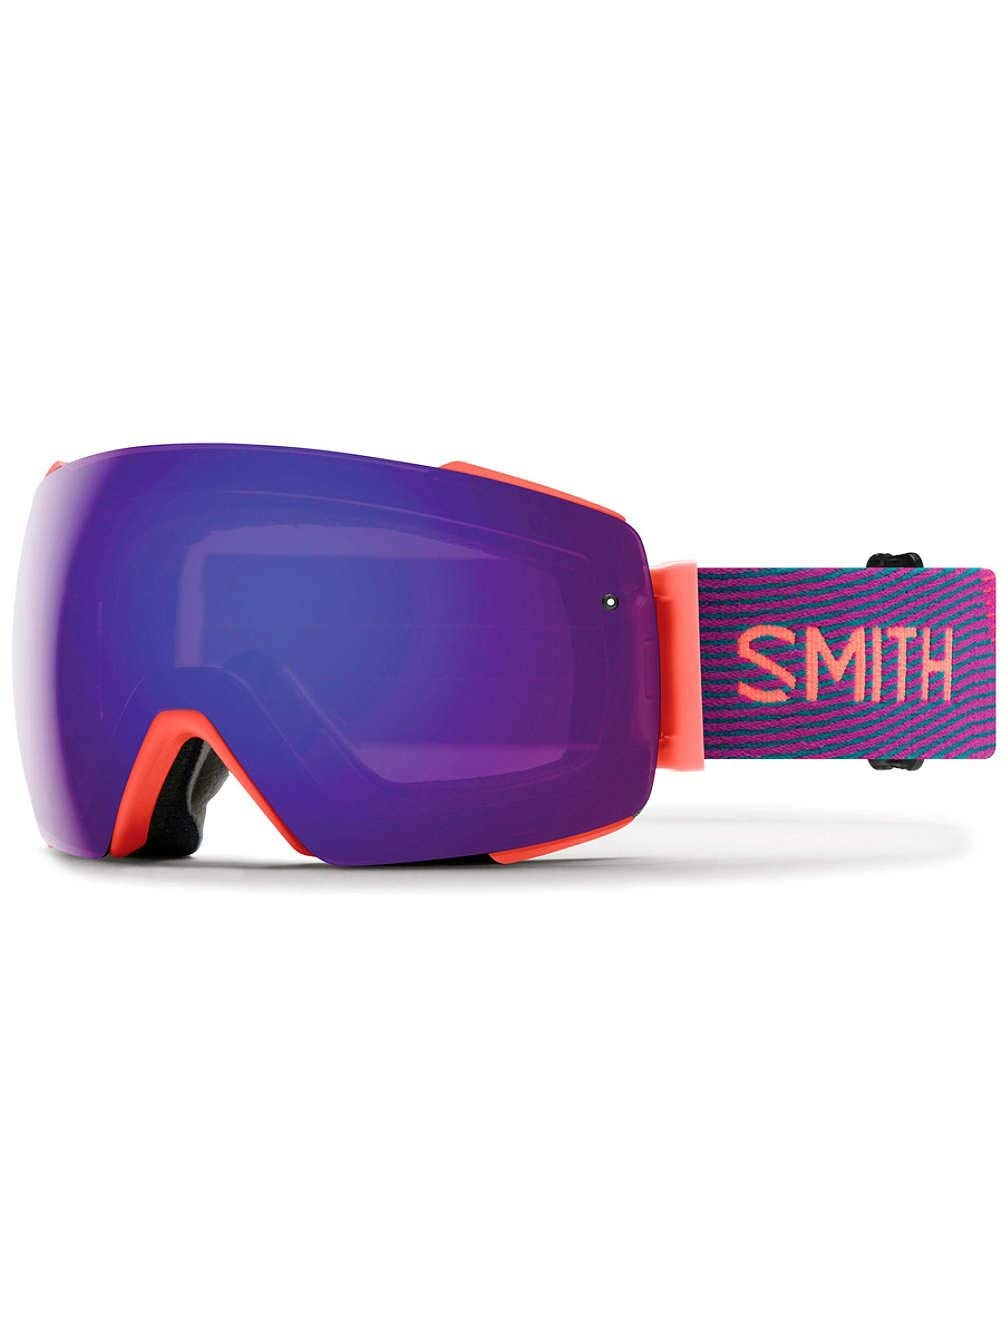 Smith I/O Mag スノーゴーグル 周波数 CP 日常用 バイオレット ミラー&CP ストーム ローズフラッシュレンズ B07G4CKC3G